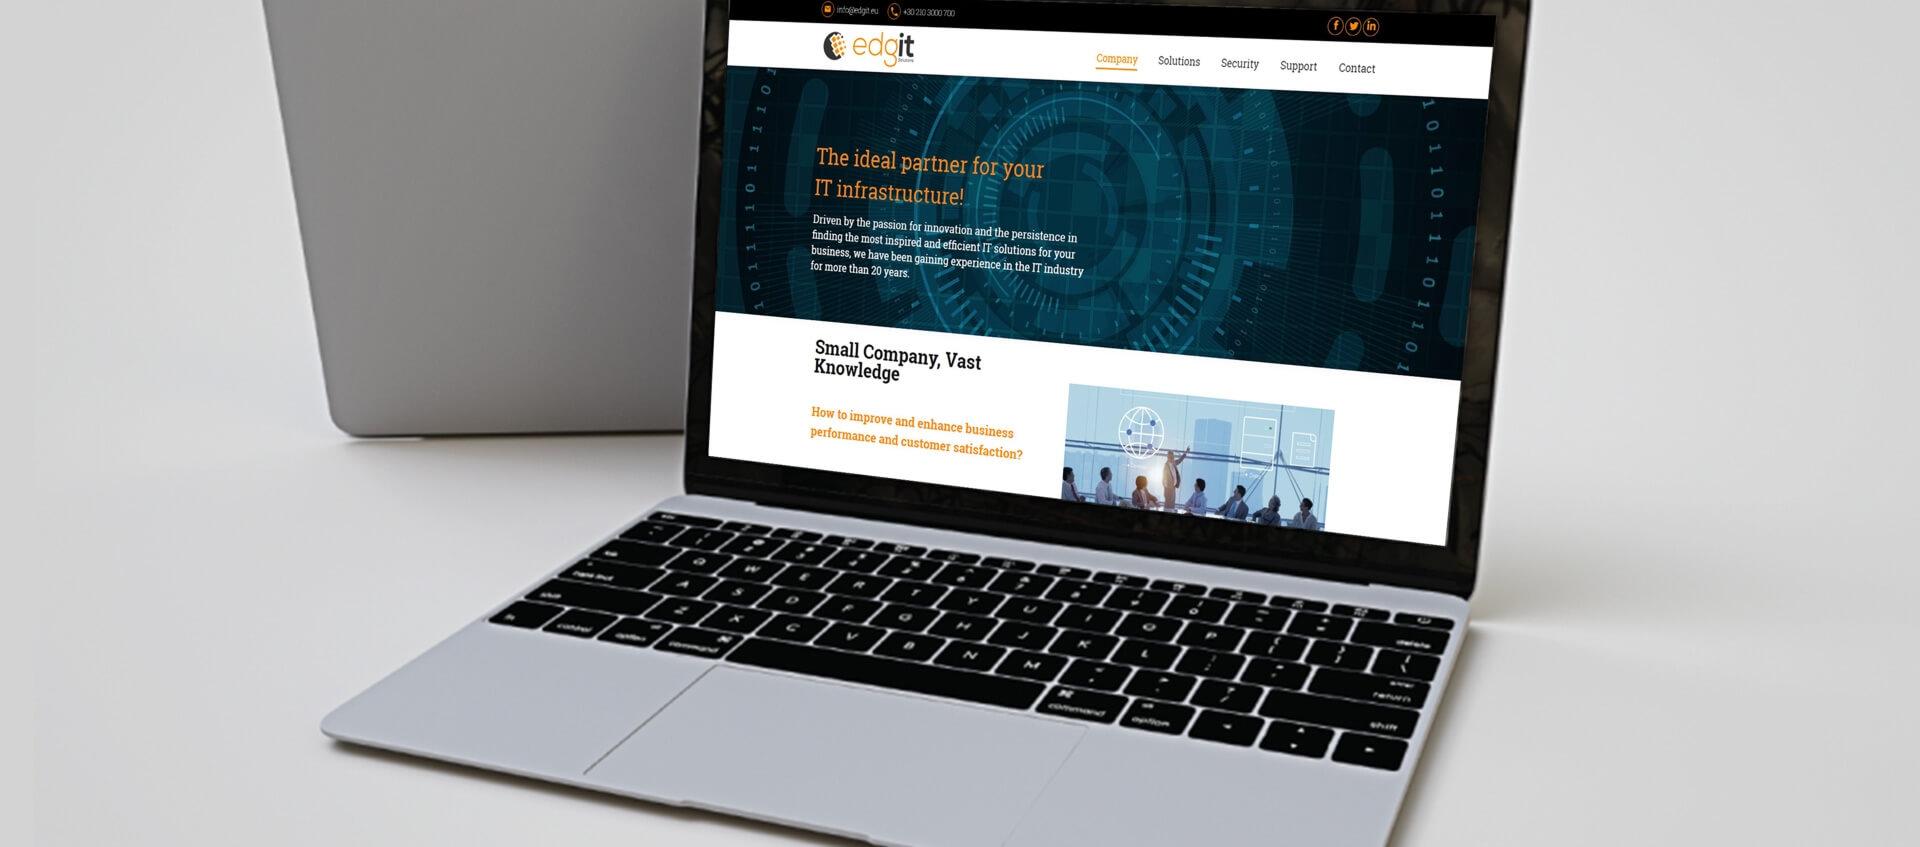 Edgit website seen from a laptop